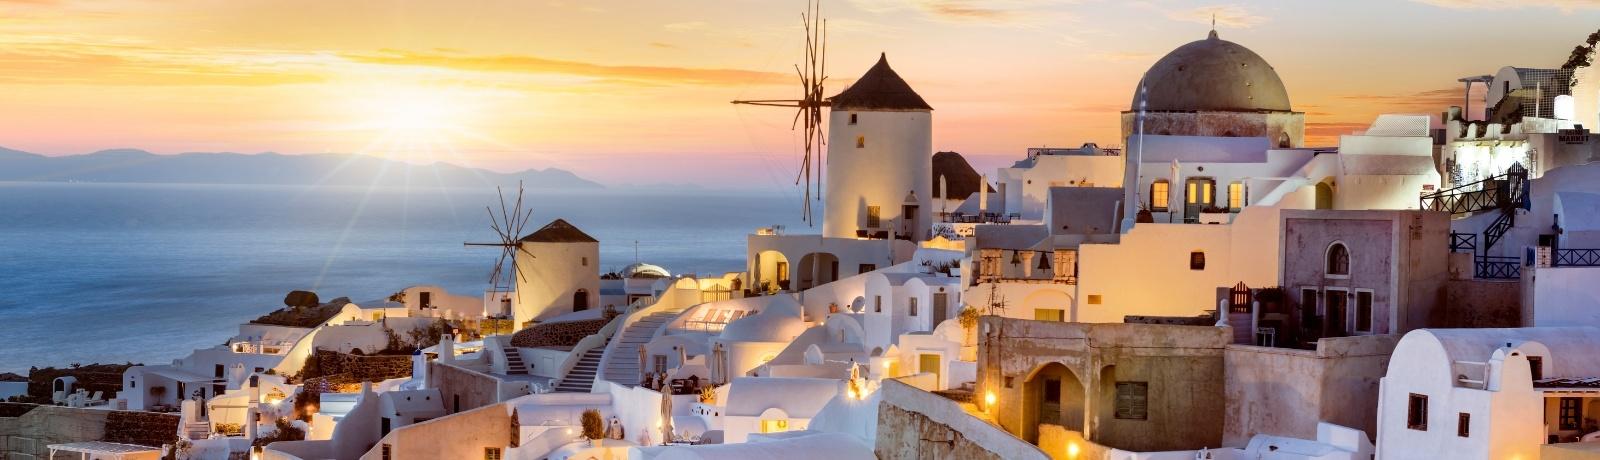 Greek Translation Header Image